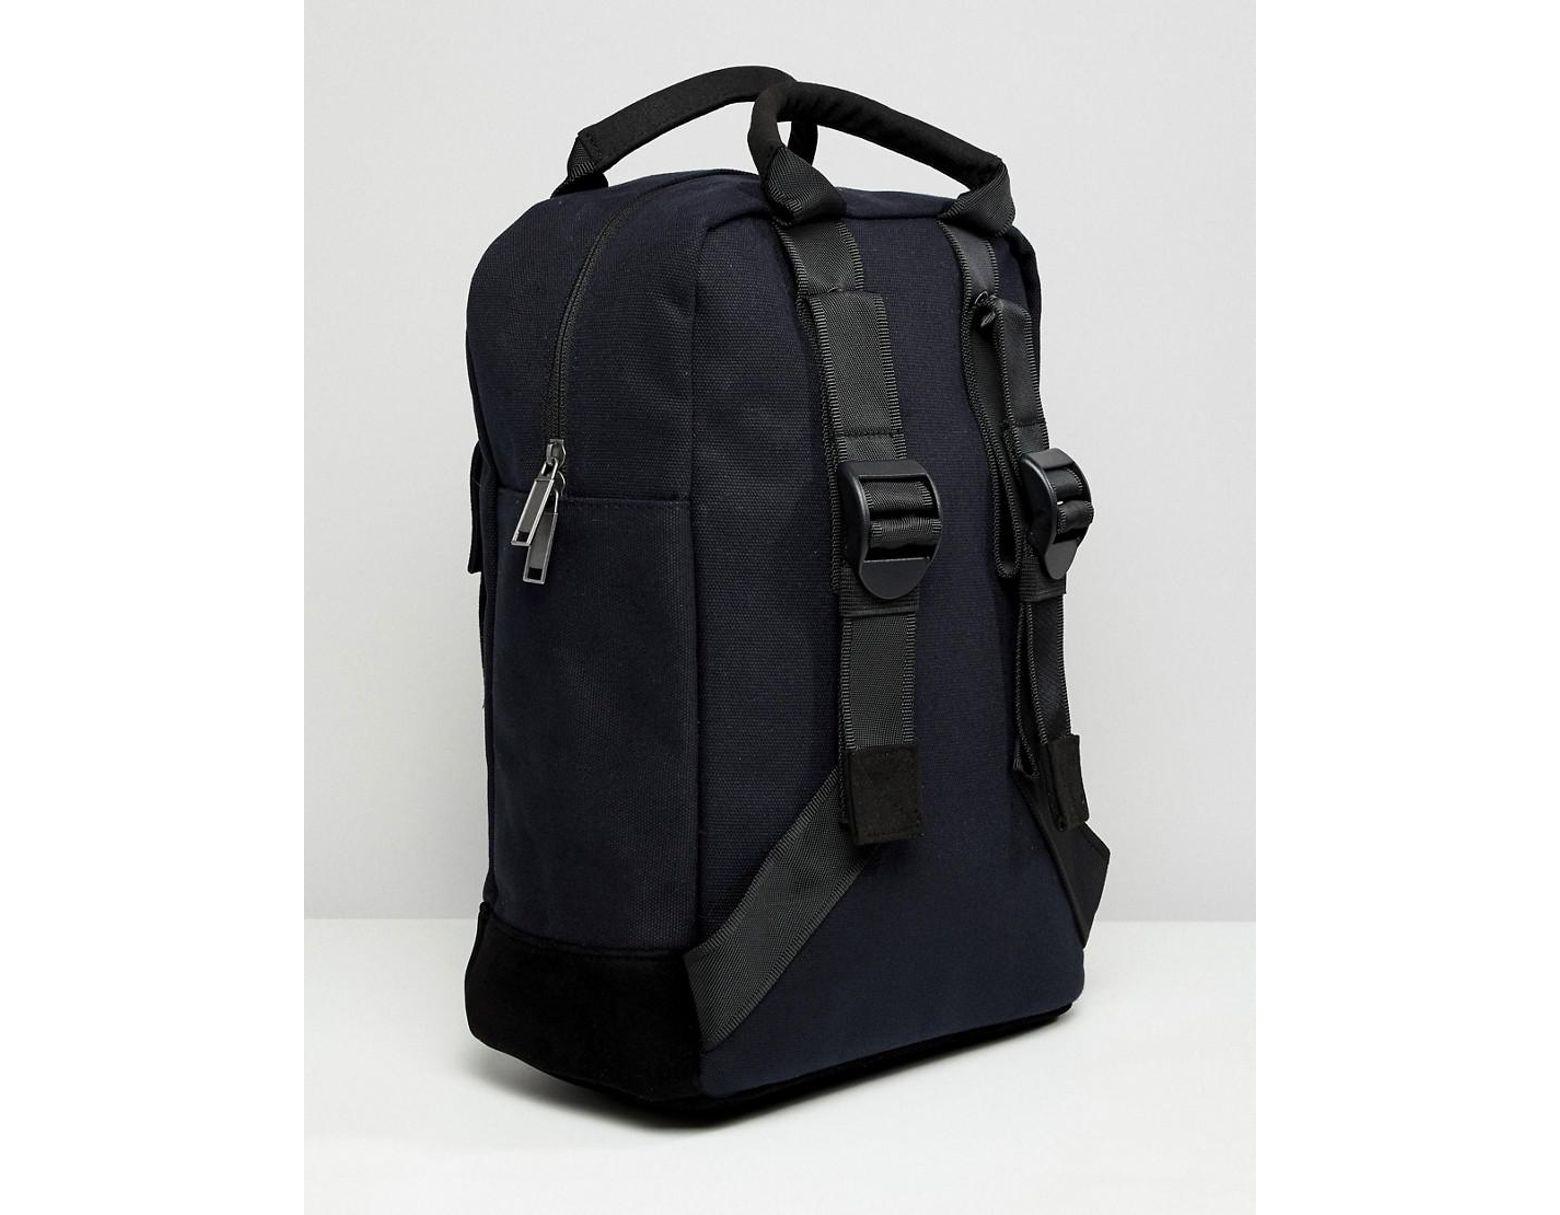 aa2cd75bad Mi-Pac Tote Backpack In Black in Black - Lyst